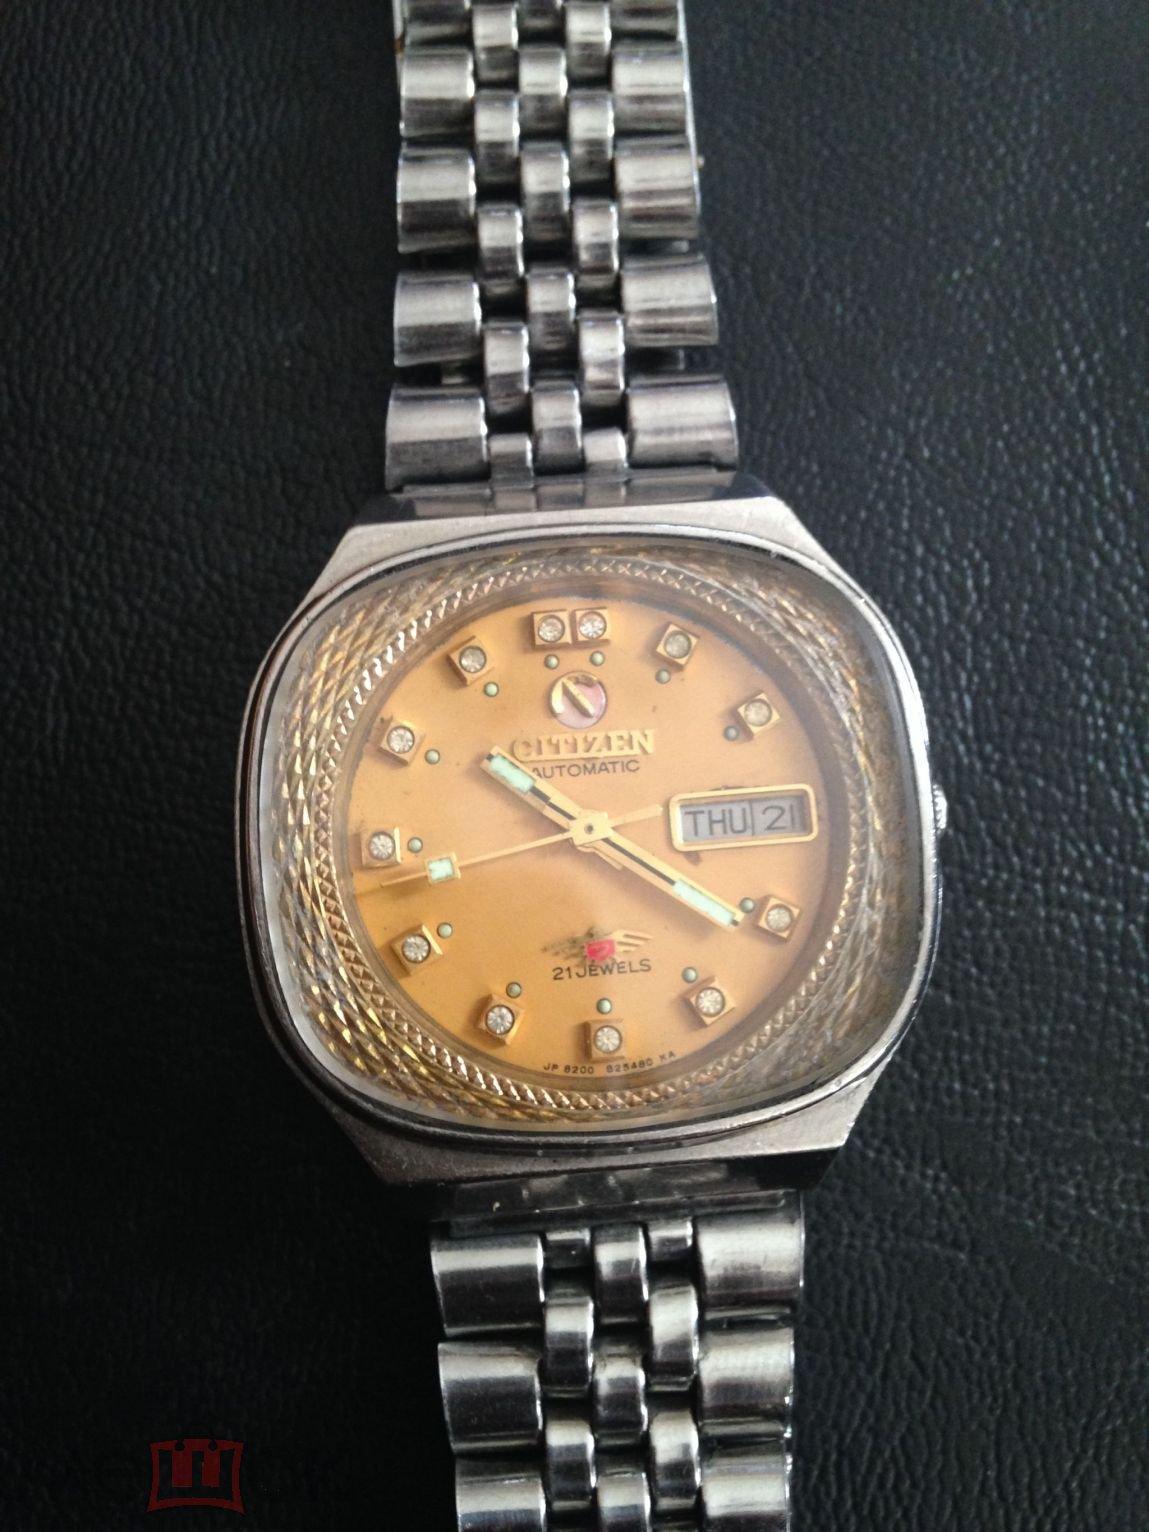 d3c7459b77e1 Винтажные часы Citizen Оригинал, Япония, сапфировое стекло + ремень ...